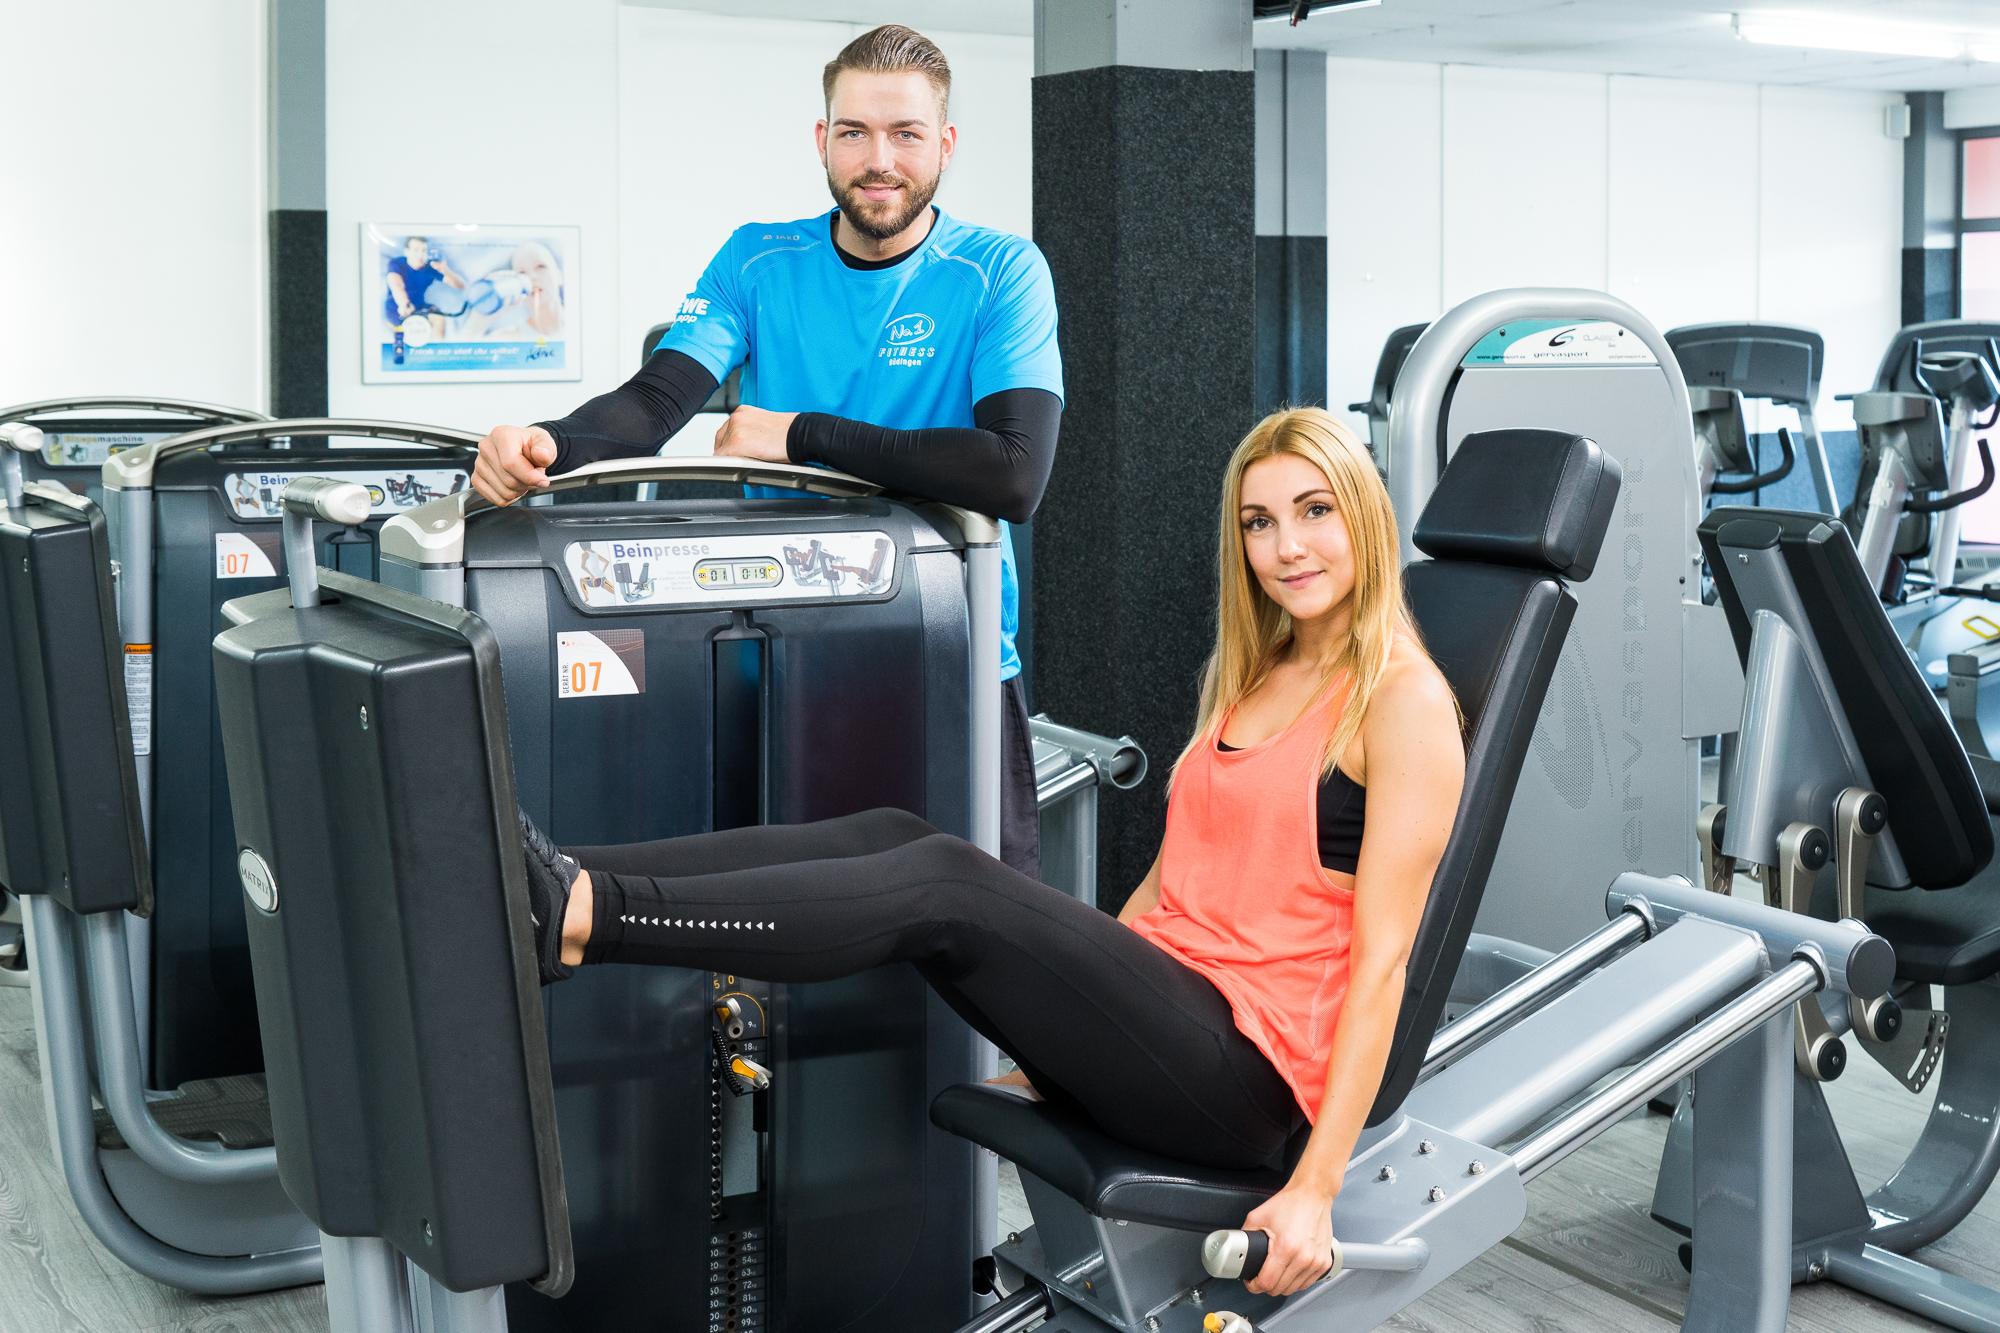 Für Internet - No1 Fitness - Neueröffnung-8.jpg